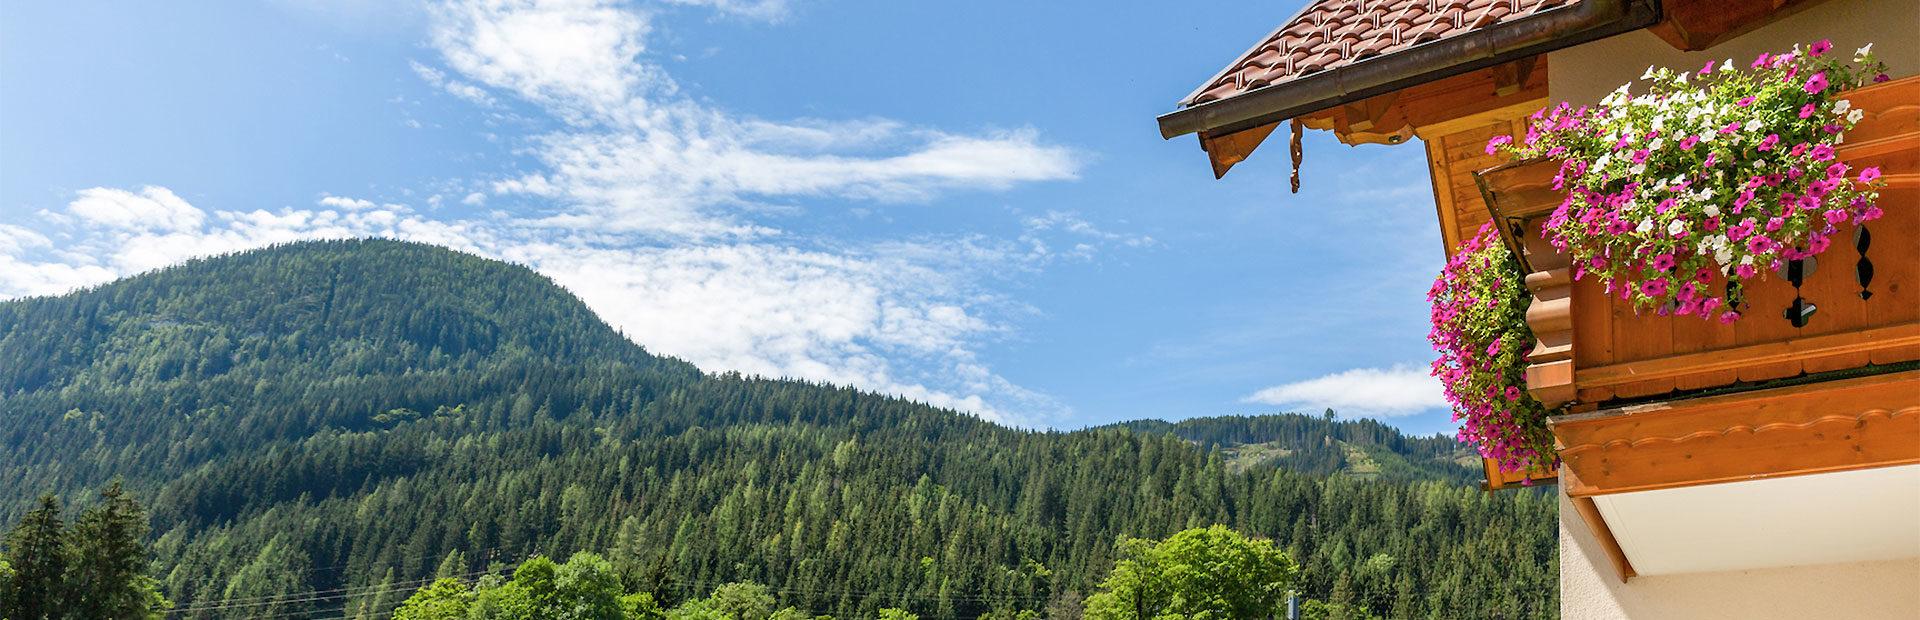 Ferienwohnungen in Flachau, Salzburger Land